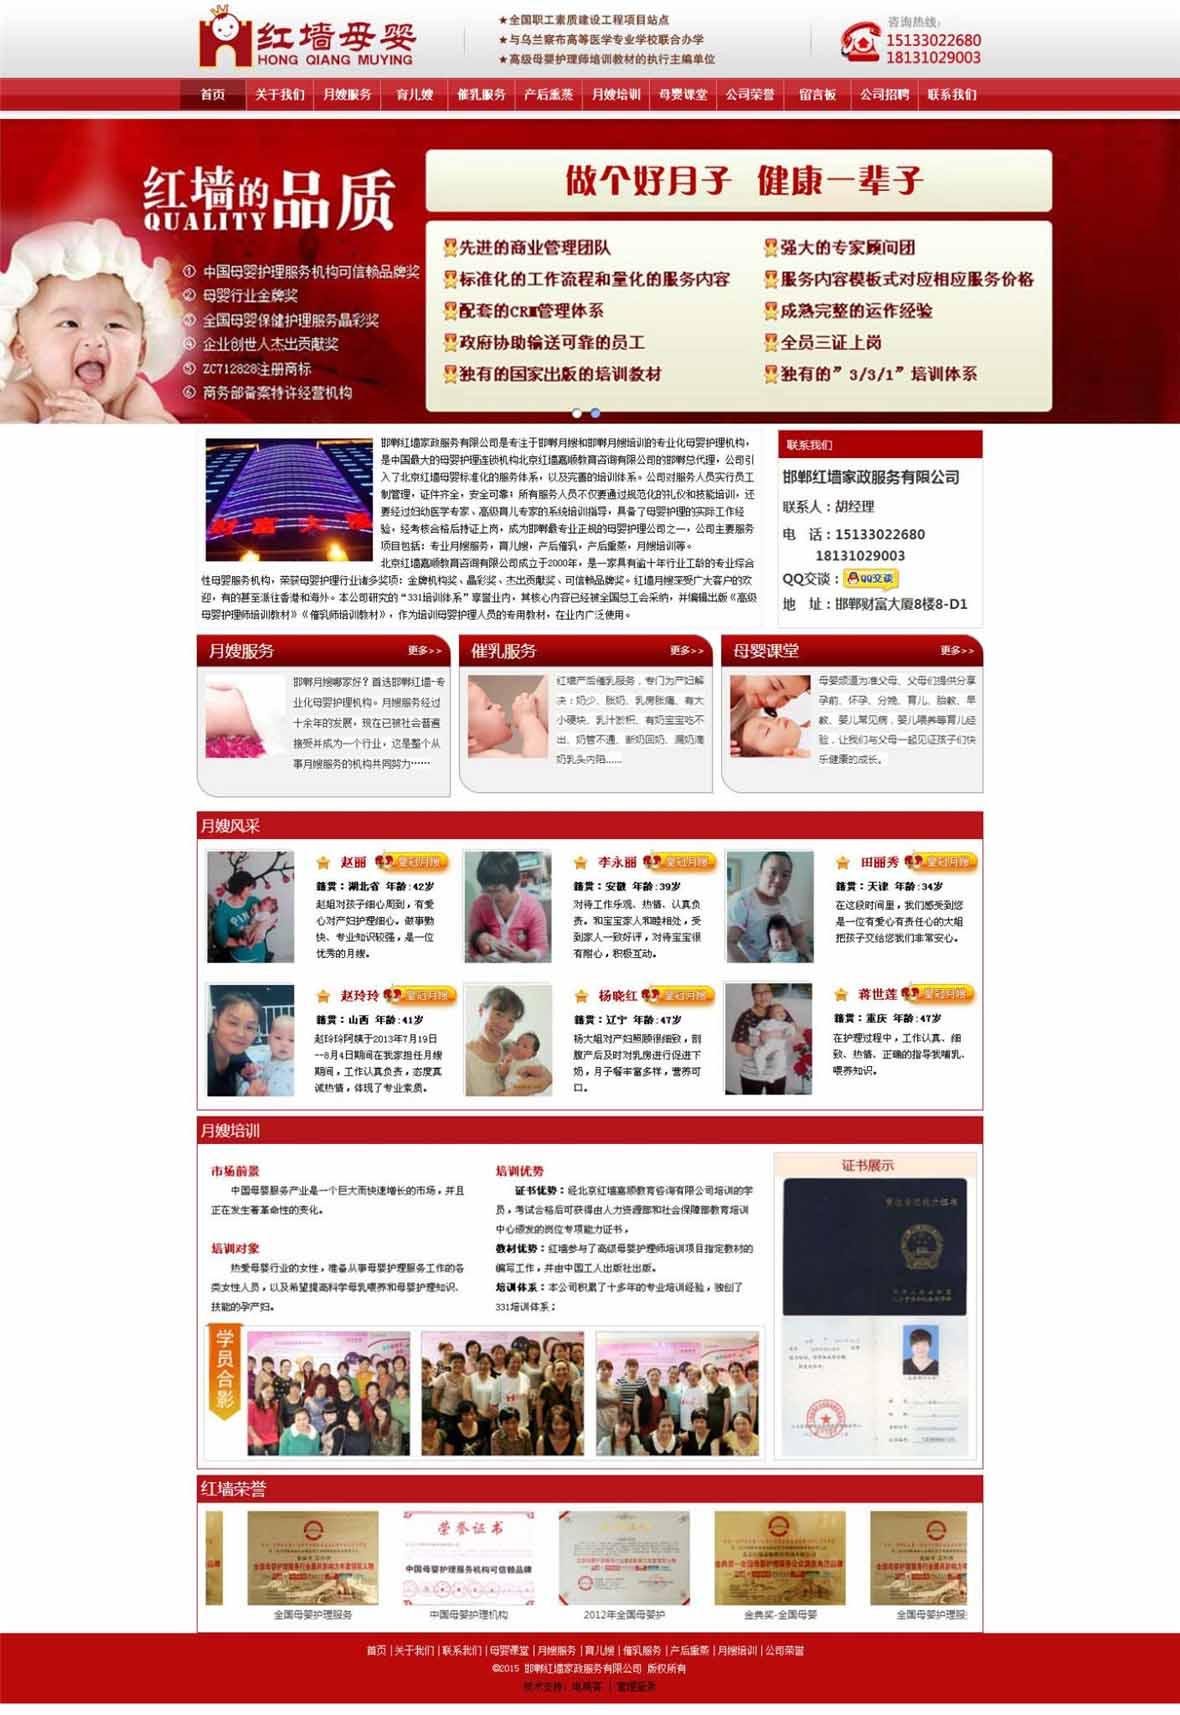 邯郸红墙月嫂.jpg